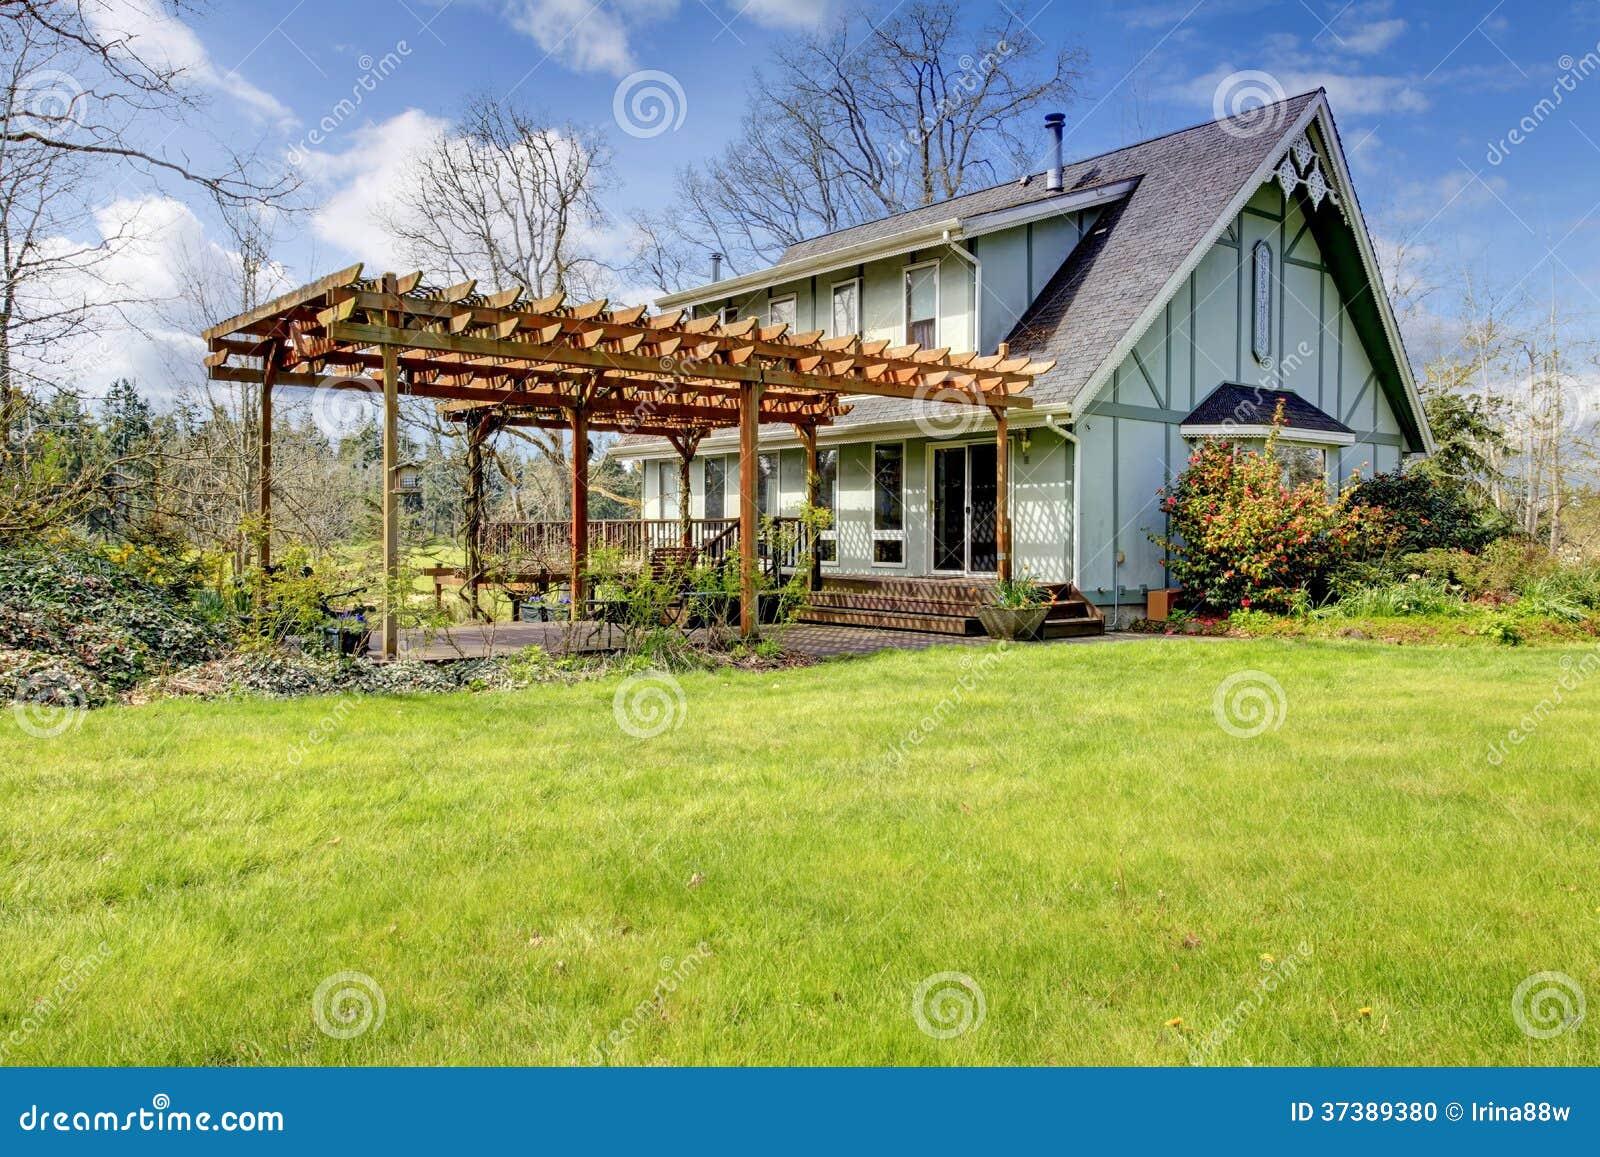 Mooie boerderij met pergola in bijlage de vroege lente stock foto